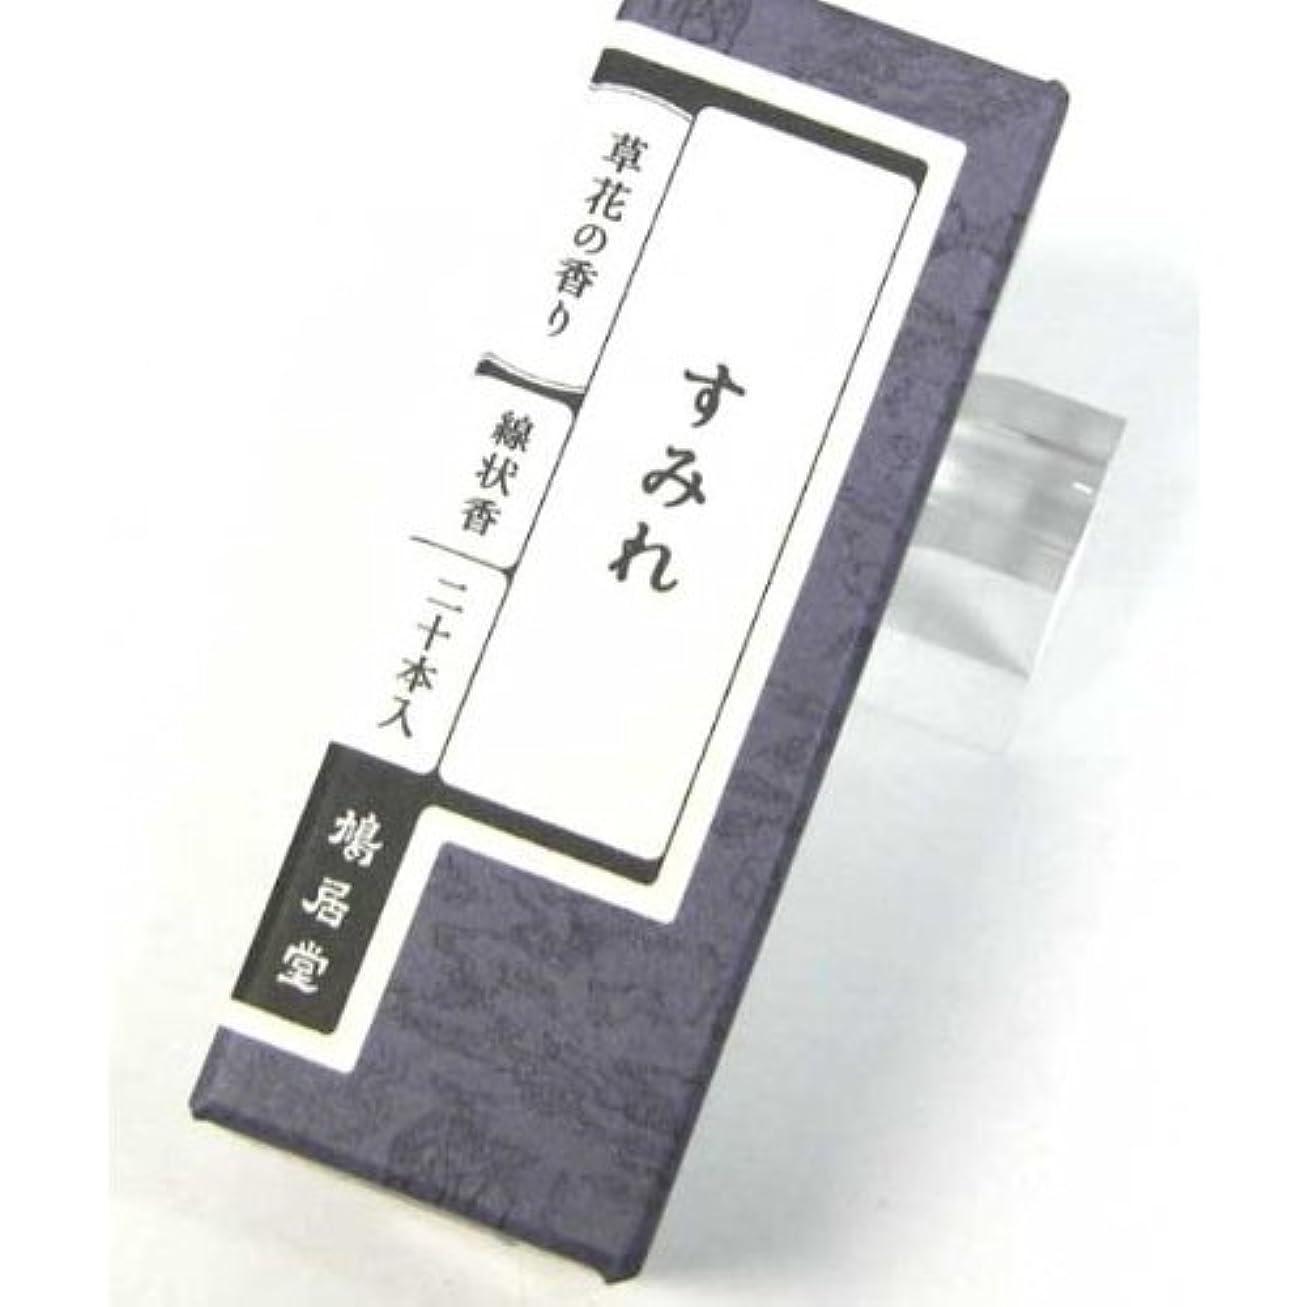 管理者試用期待鳩居堂 お香 すみれ/菫 草花の香りシリーズ スティックタイプ(棒状香)20本いり